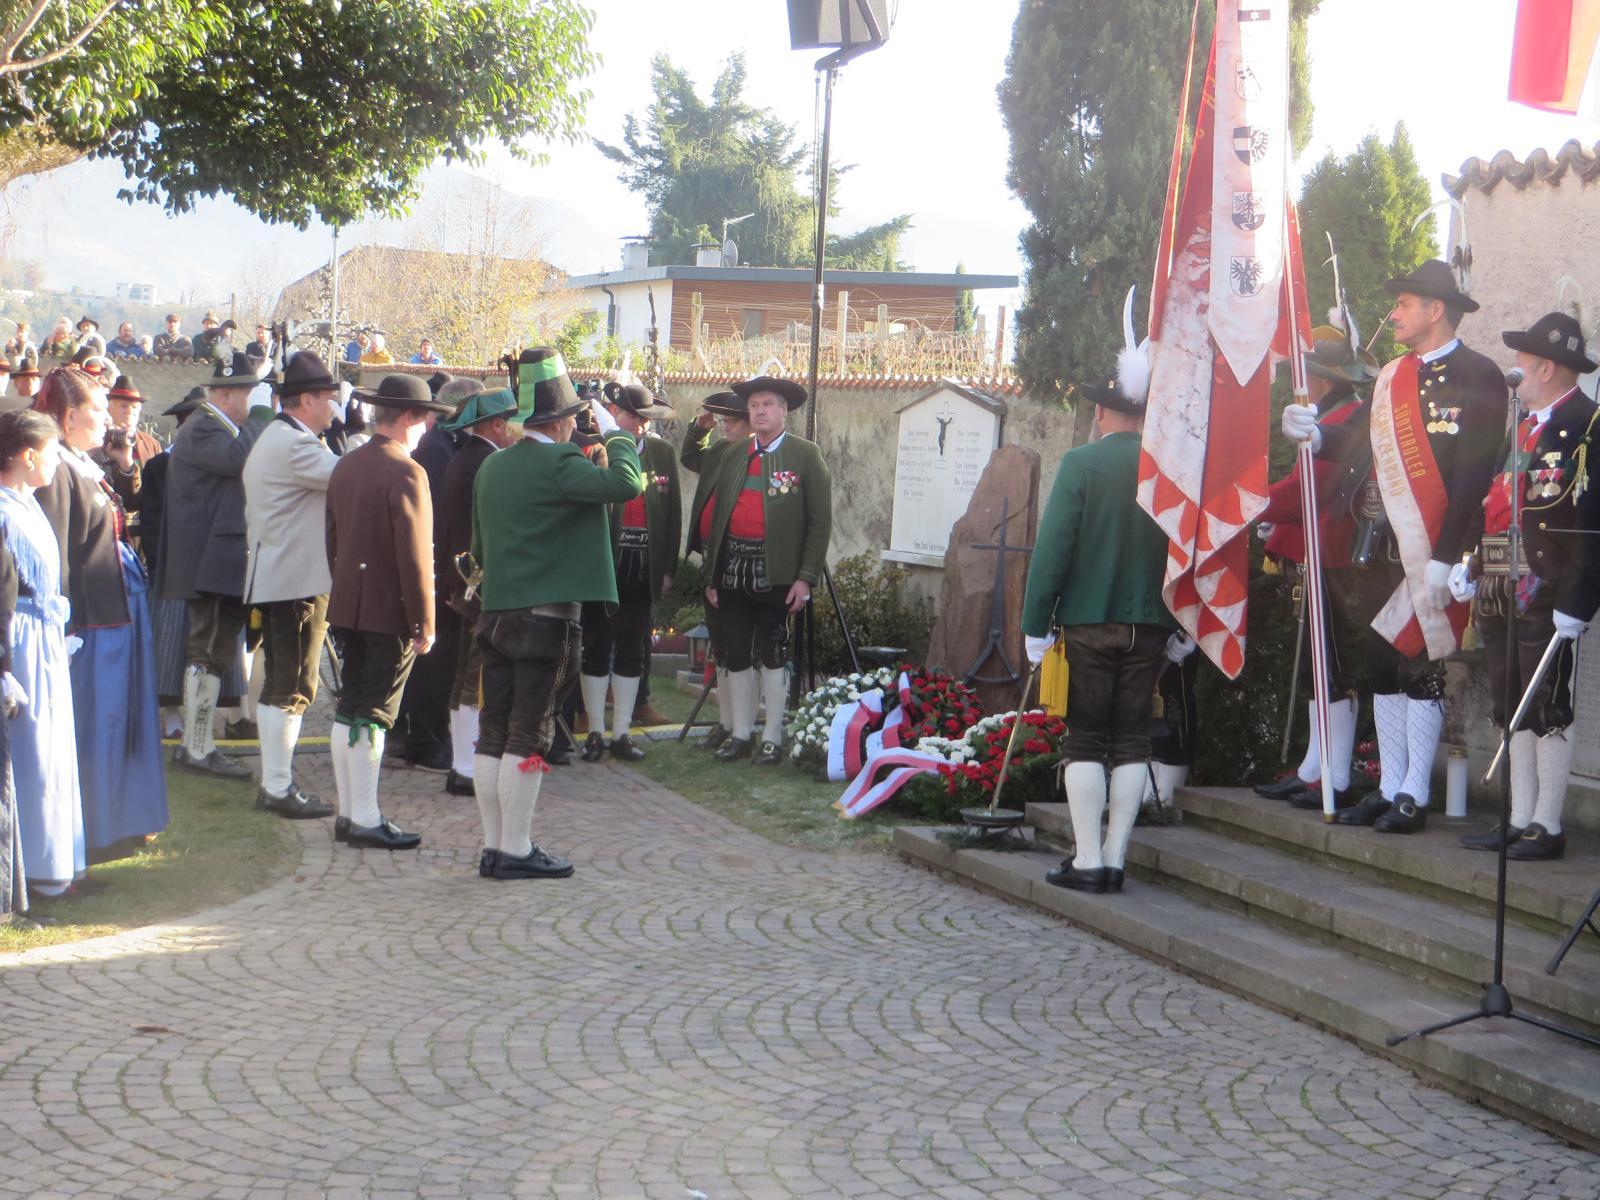 Sepp-Kerschbaumer-Gedenkfeier: Für Freiheit und Gerechtigkeit – auch für die Pusterer Buabm